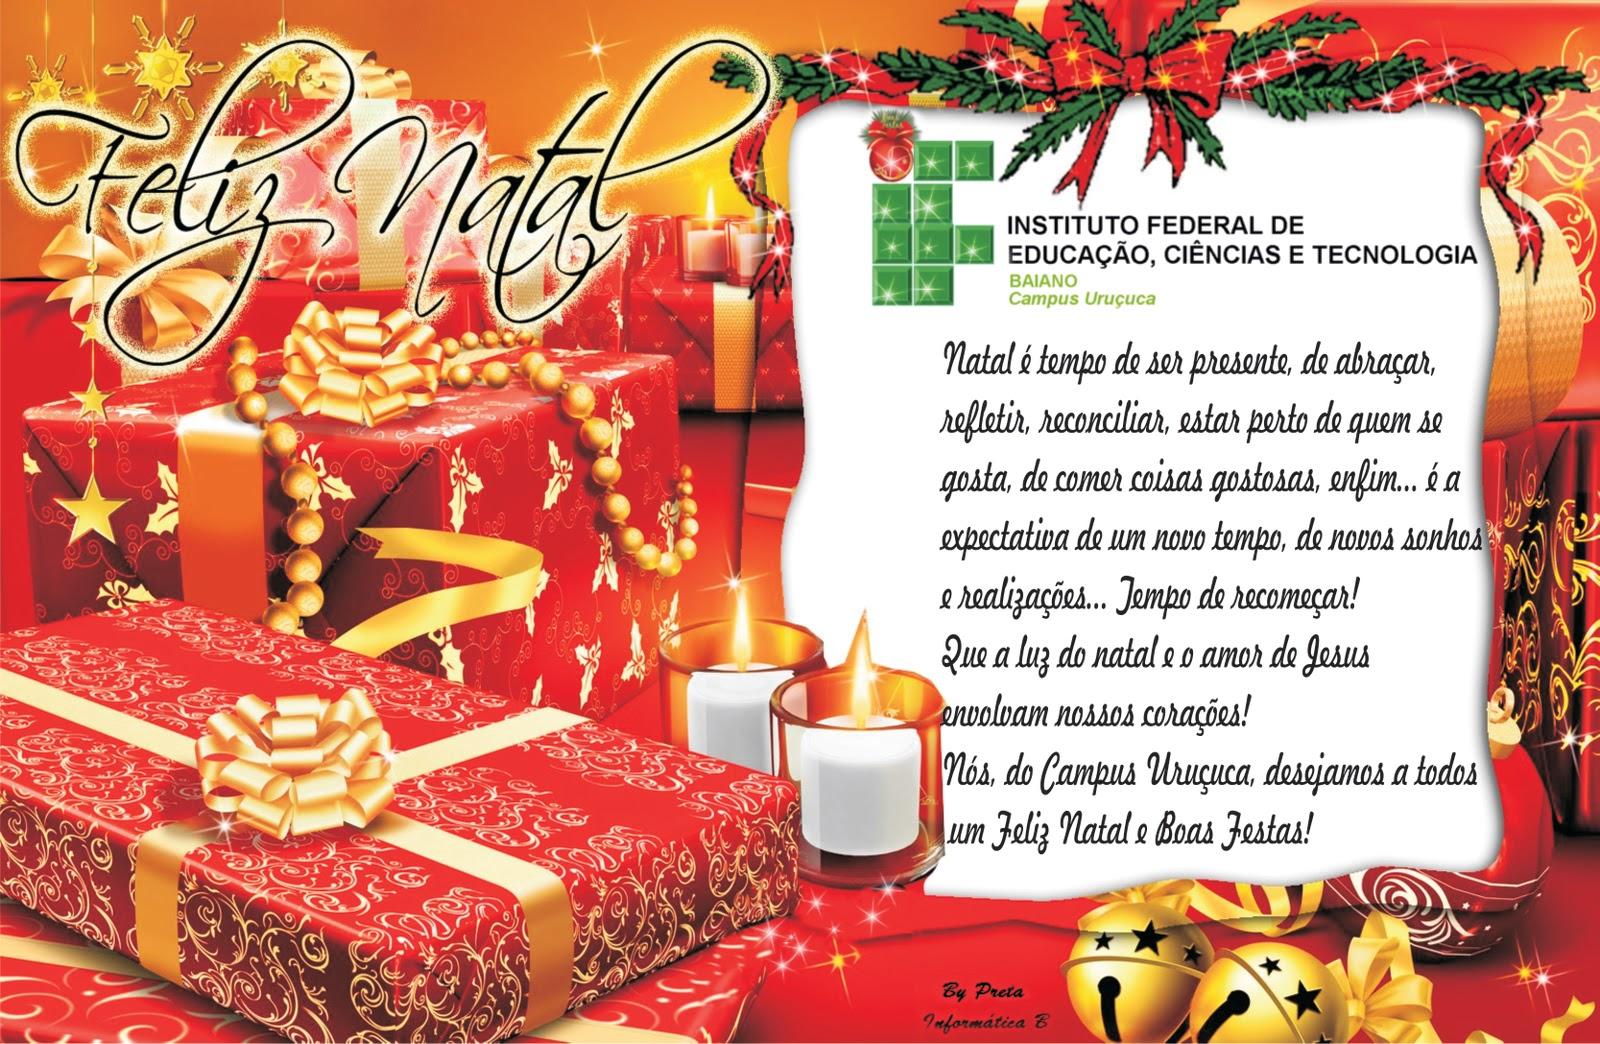 cartao de natal uru%25C3%25A7uca1 Cartão de Natal Grátis  photoshop